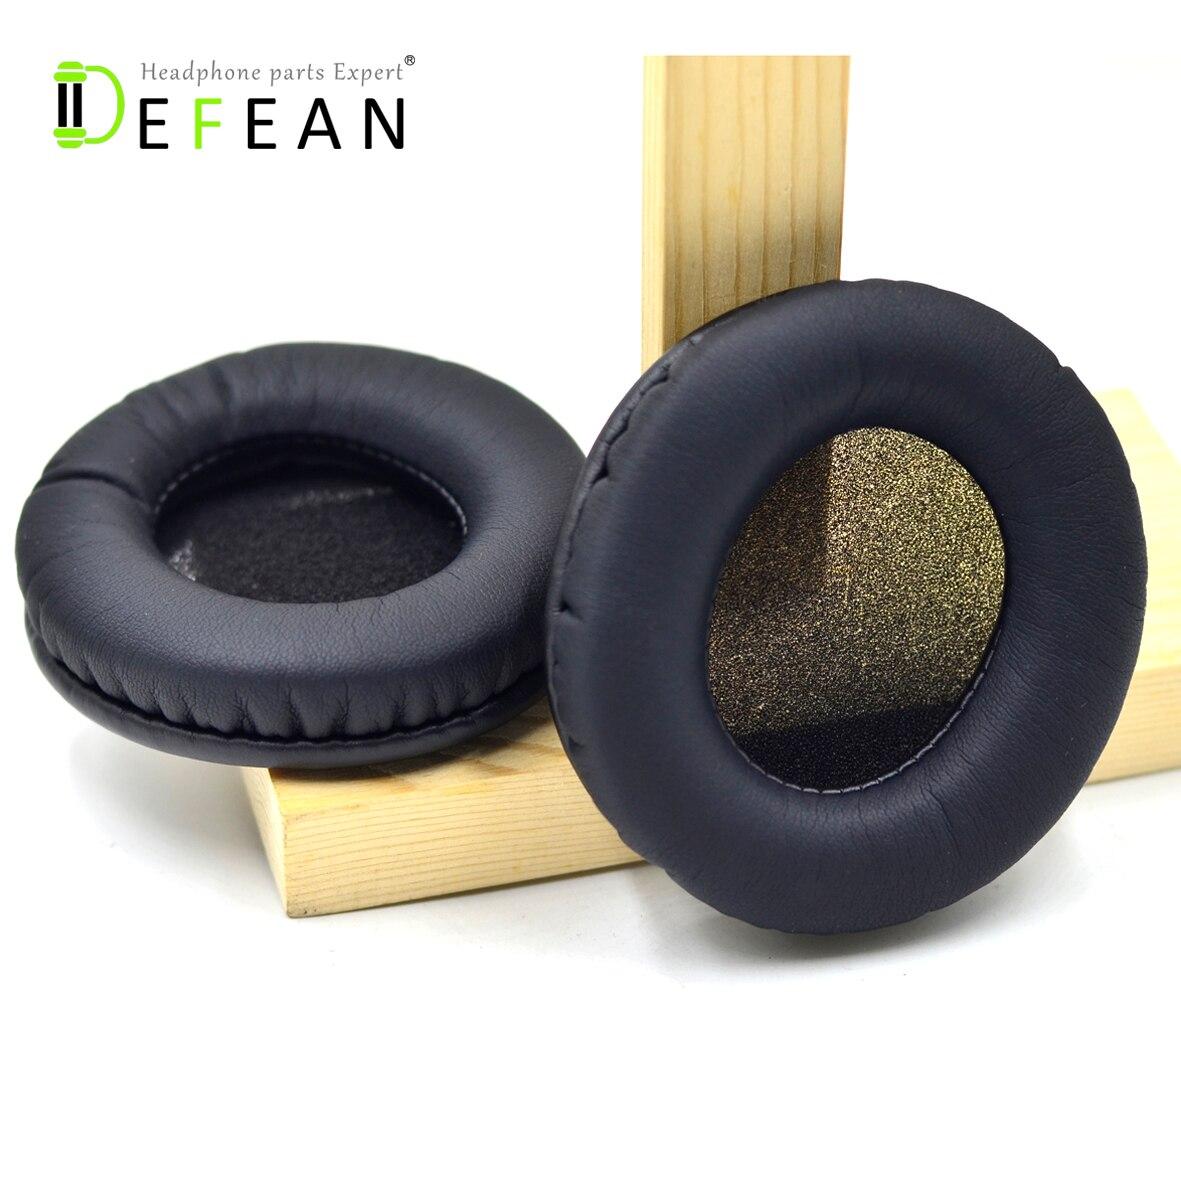 Almohadillas de repuesto Defean para Sennheiser HD 485 HD485 HD435, almohadilla para auriculares, almohadones, fundas de almohada, partes de reparación de auricular